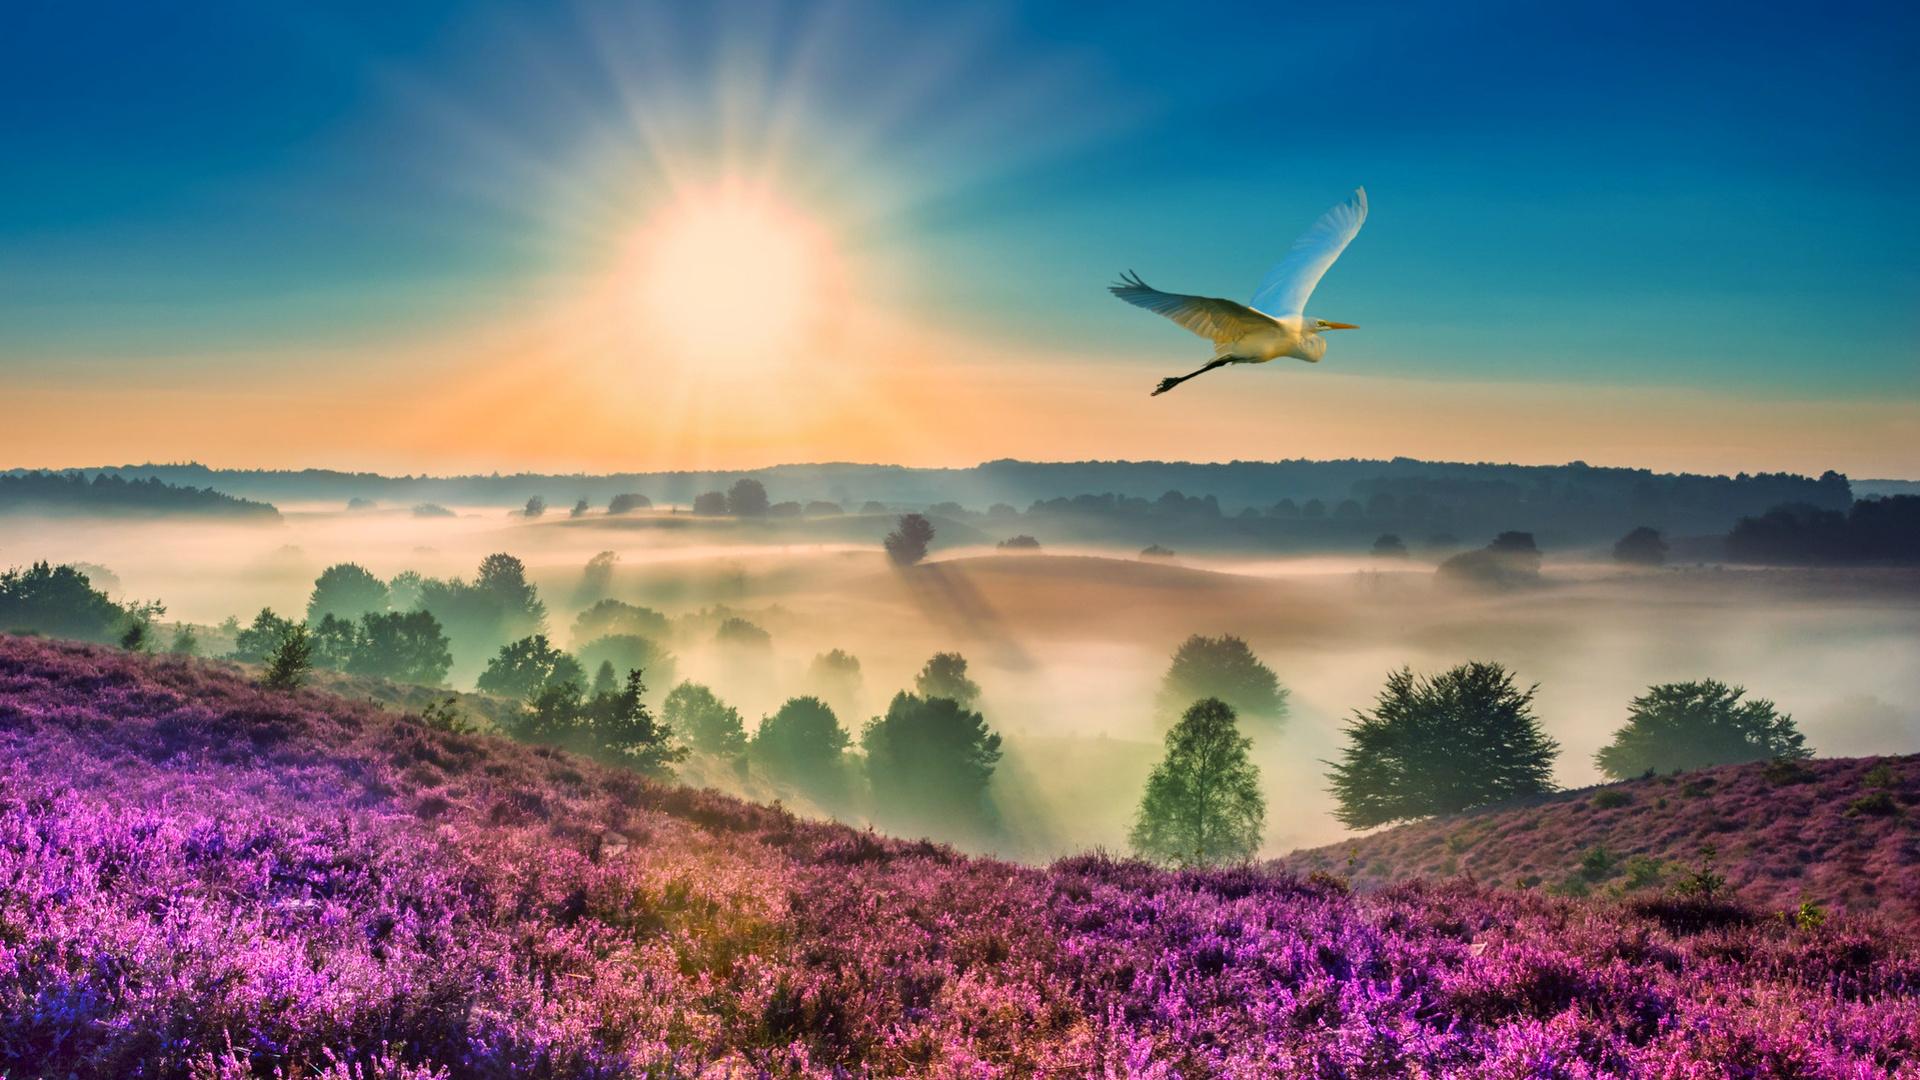 пейзаж, утро, туман